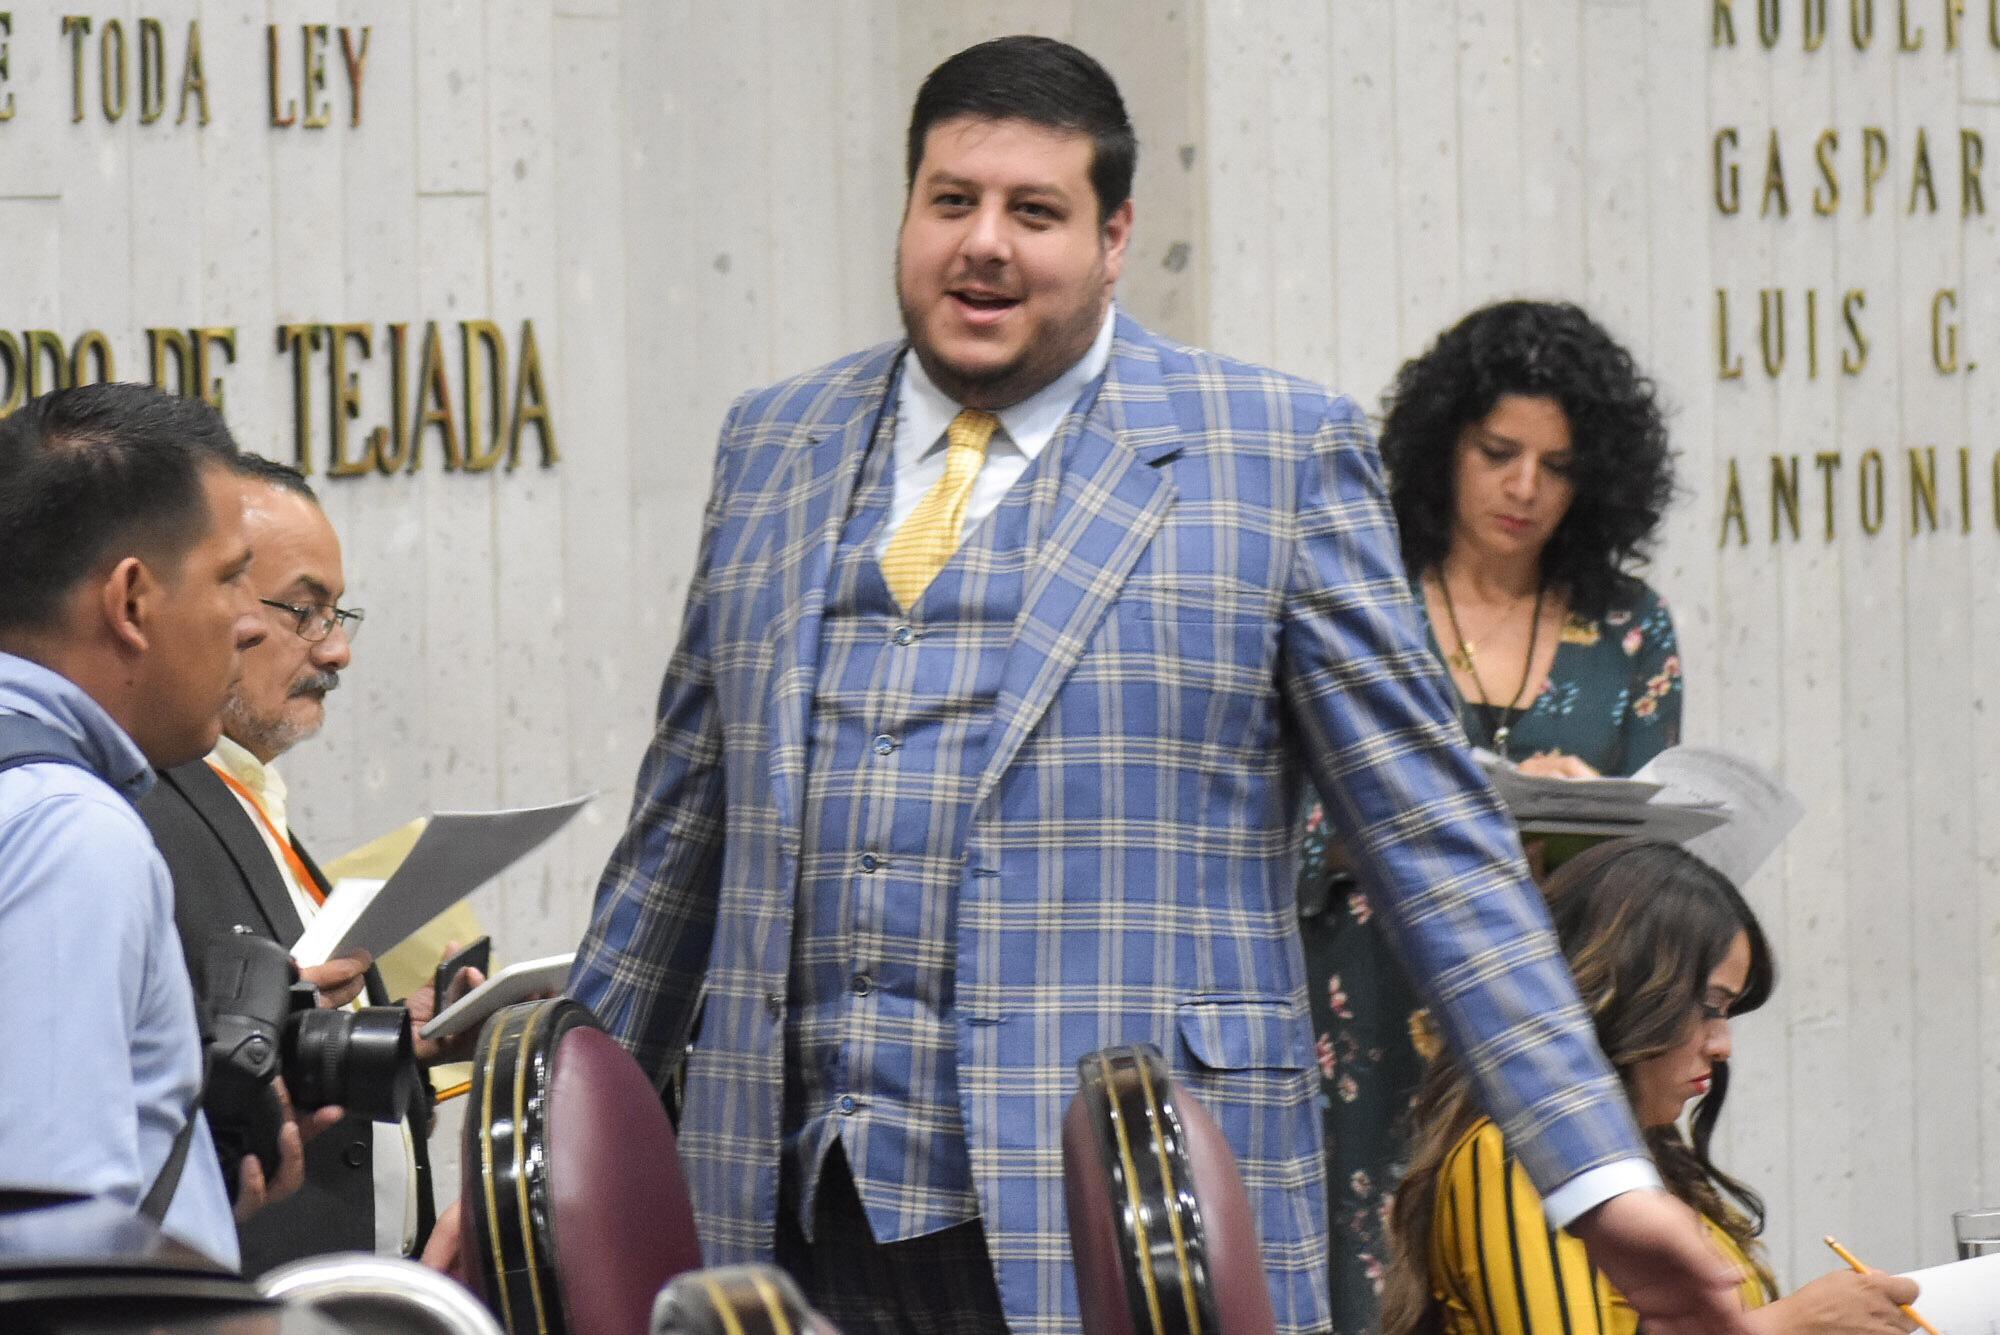 Diputado de oposición busca permiso para armarse ante inseguridad